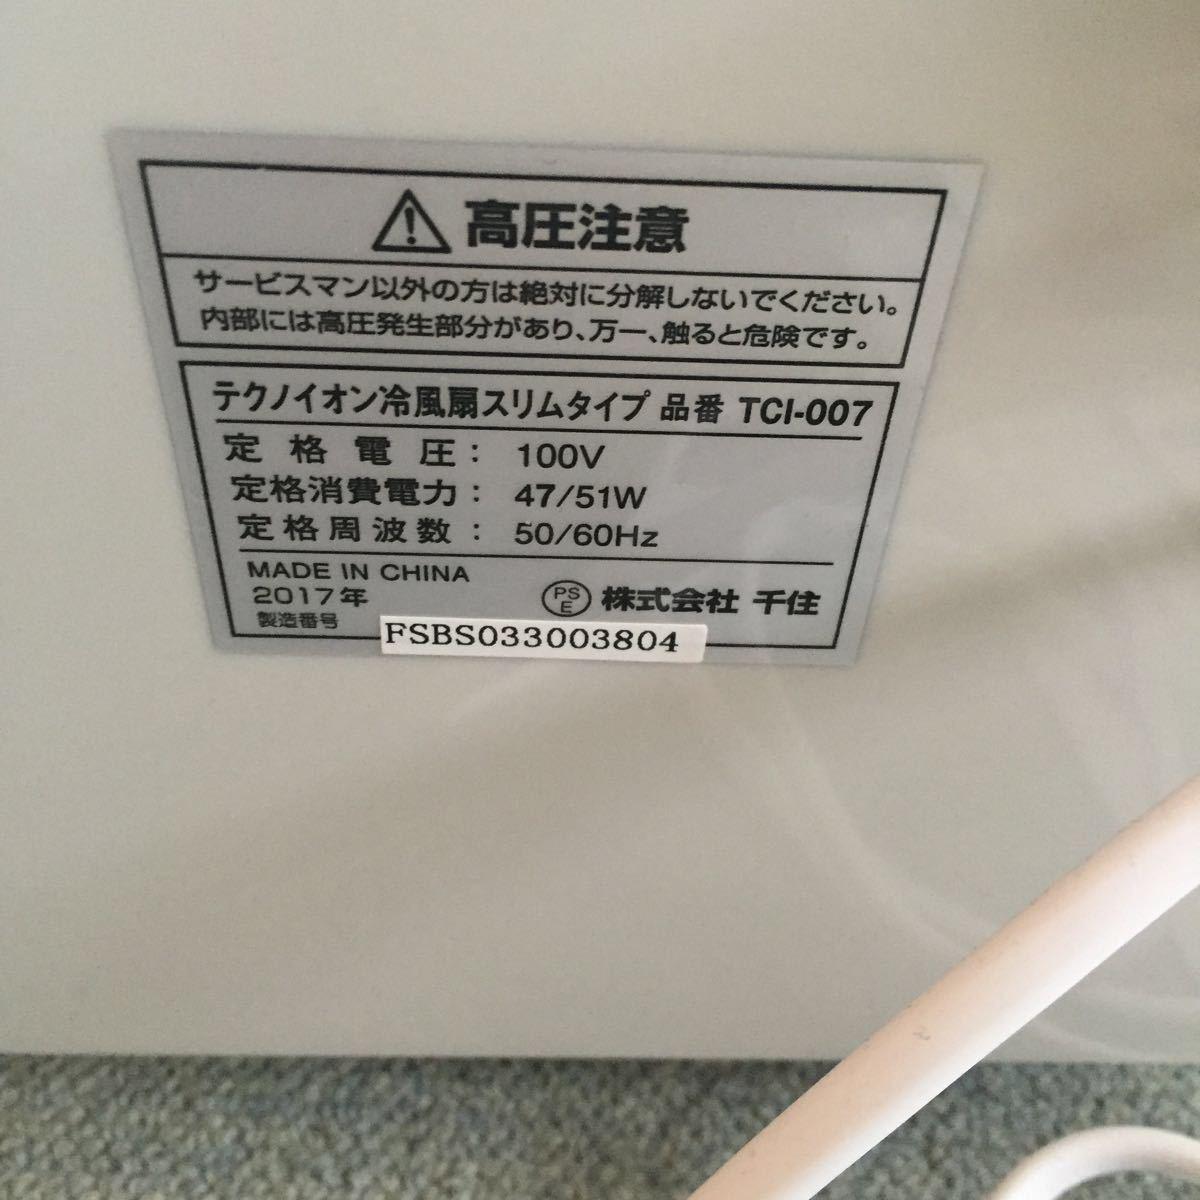 ◆テクノイオン冷風扇スリムタイプ 美品◆_画像7